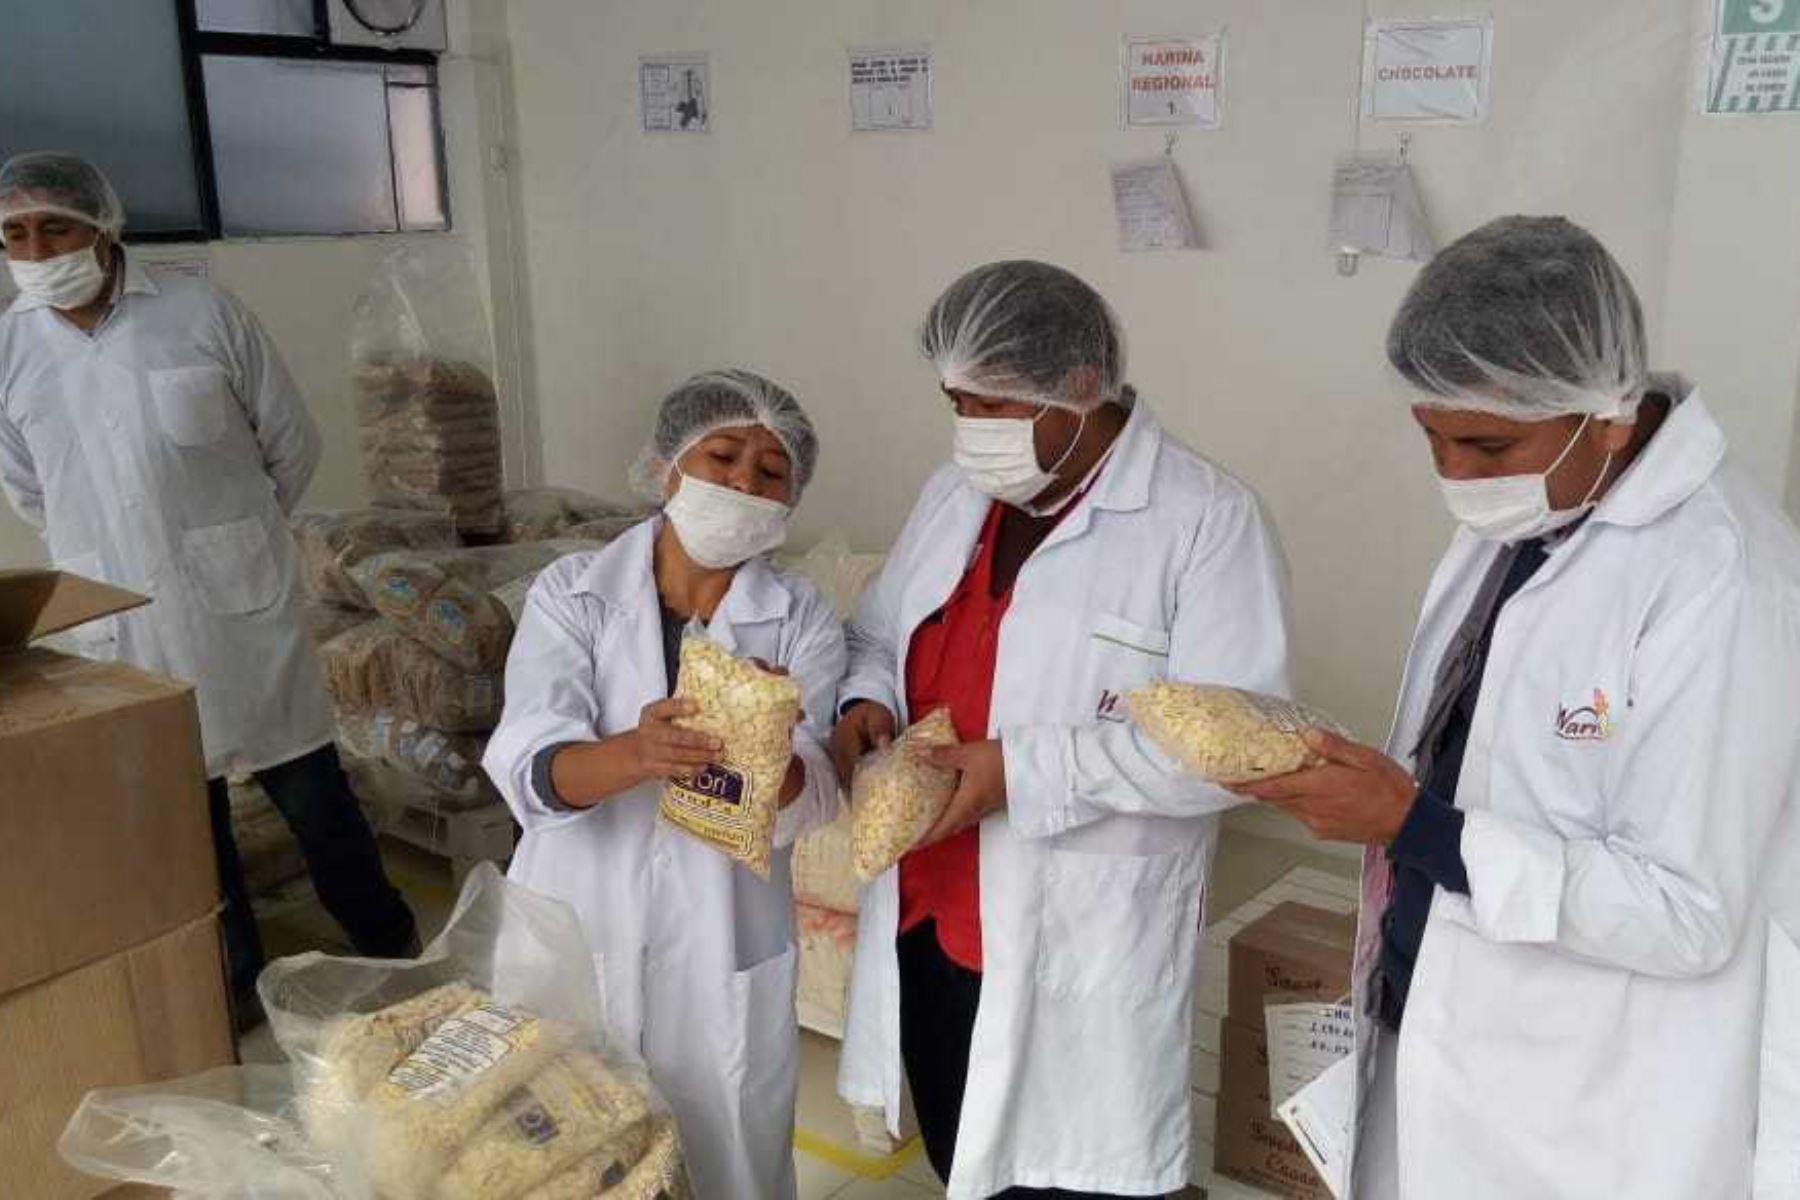 Con el propósito de realizar el seguimiento y la vigilancia en la entrega del desayuno a los escolares de todo el país, el Programa Nacional de Alimentación Escolar Qali Warma supervisó 46 entidades, de las cuales 8 son almacenes de proveedores y 38 instituciones educativas.